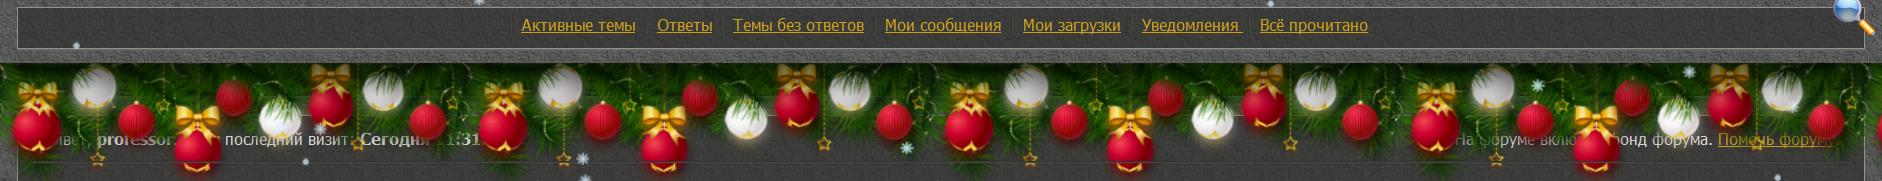 http://s7.uploads.ru/4UJv6.png